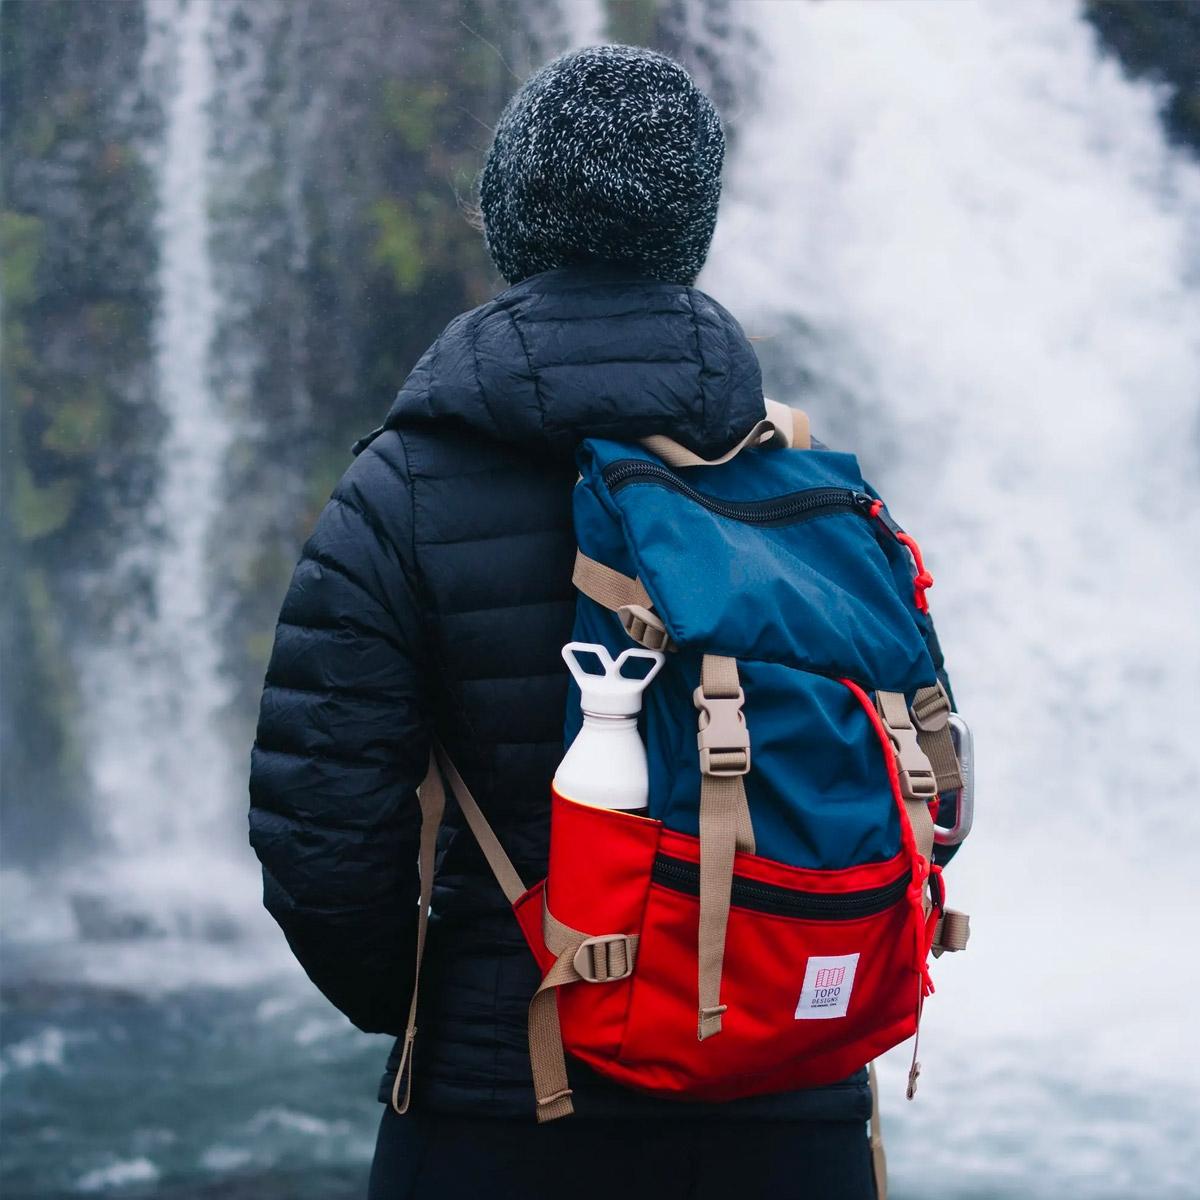 Topo Designs Rover Pack Navy/Red, duurzame, lichtgewicht en waterbestendige rugzak voor dagelijks gebruik